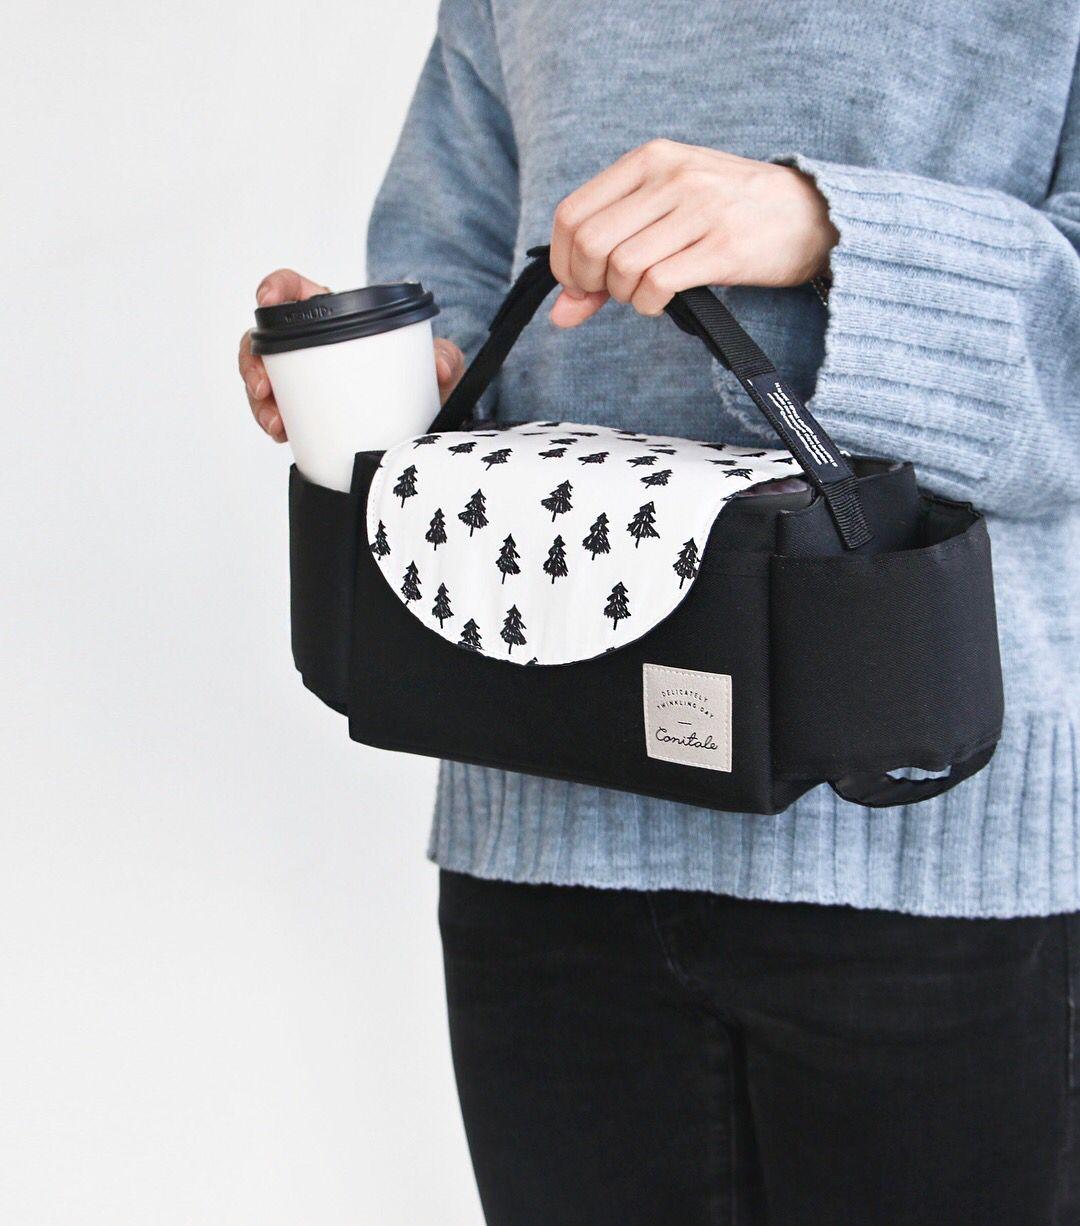 新款婴儿童推车挂包大容量bb挂钩挂袋配件收纳奶瓶储物袋推车通用